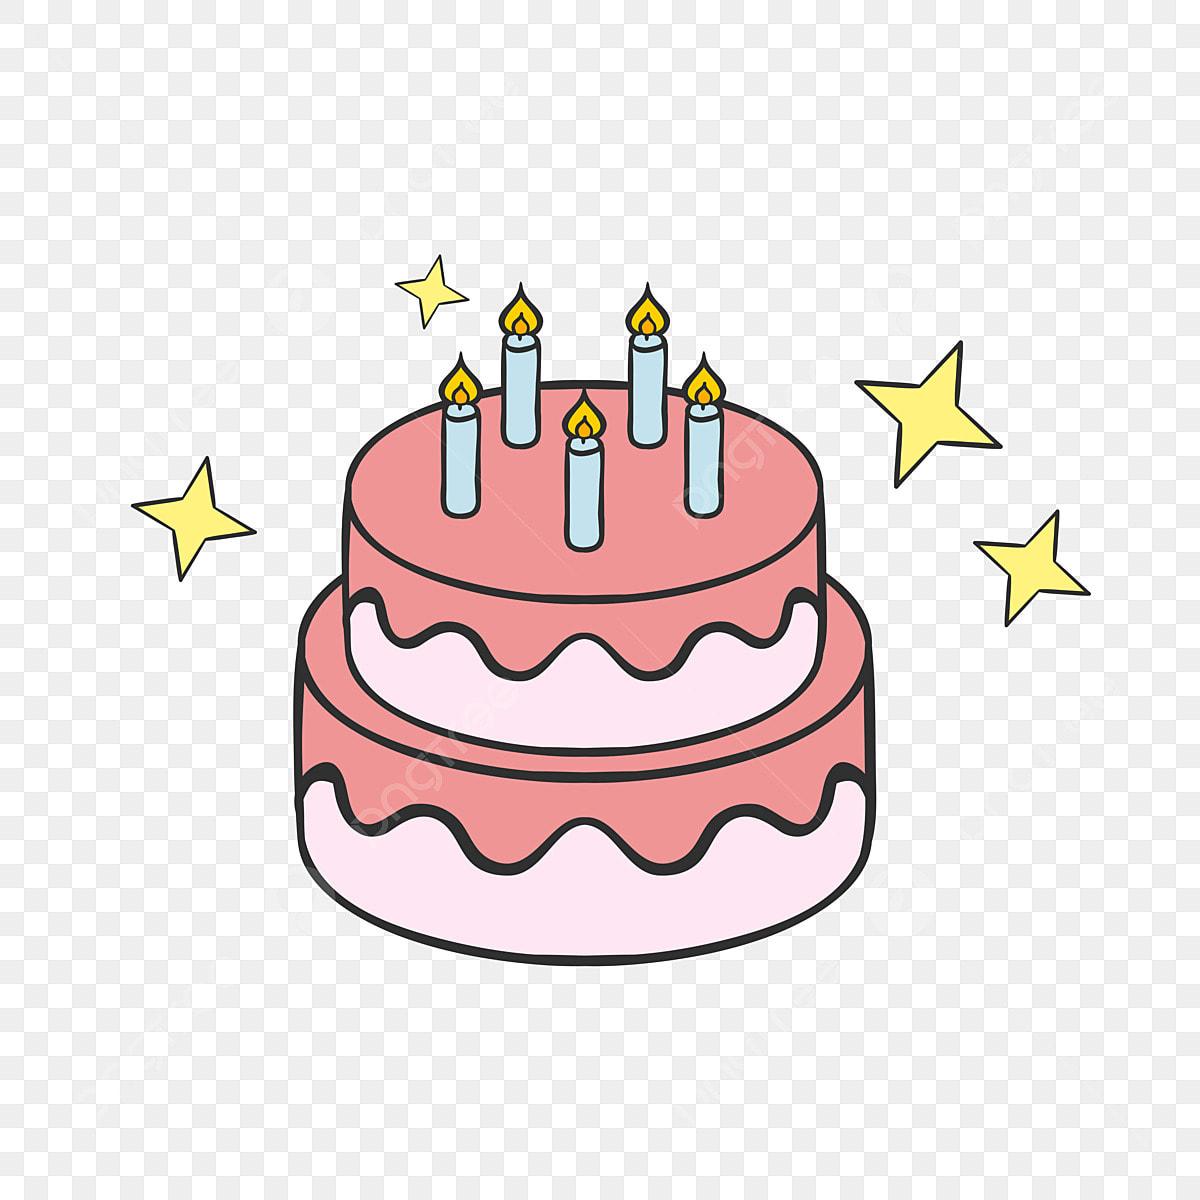 Remarkable Cream Cake Candle Star Birthday Cake Wedding Festival Dessert Personalised Birthday Cards Veneteletsinfo